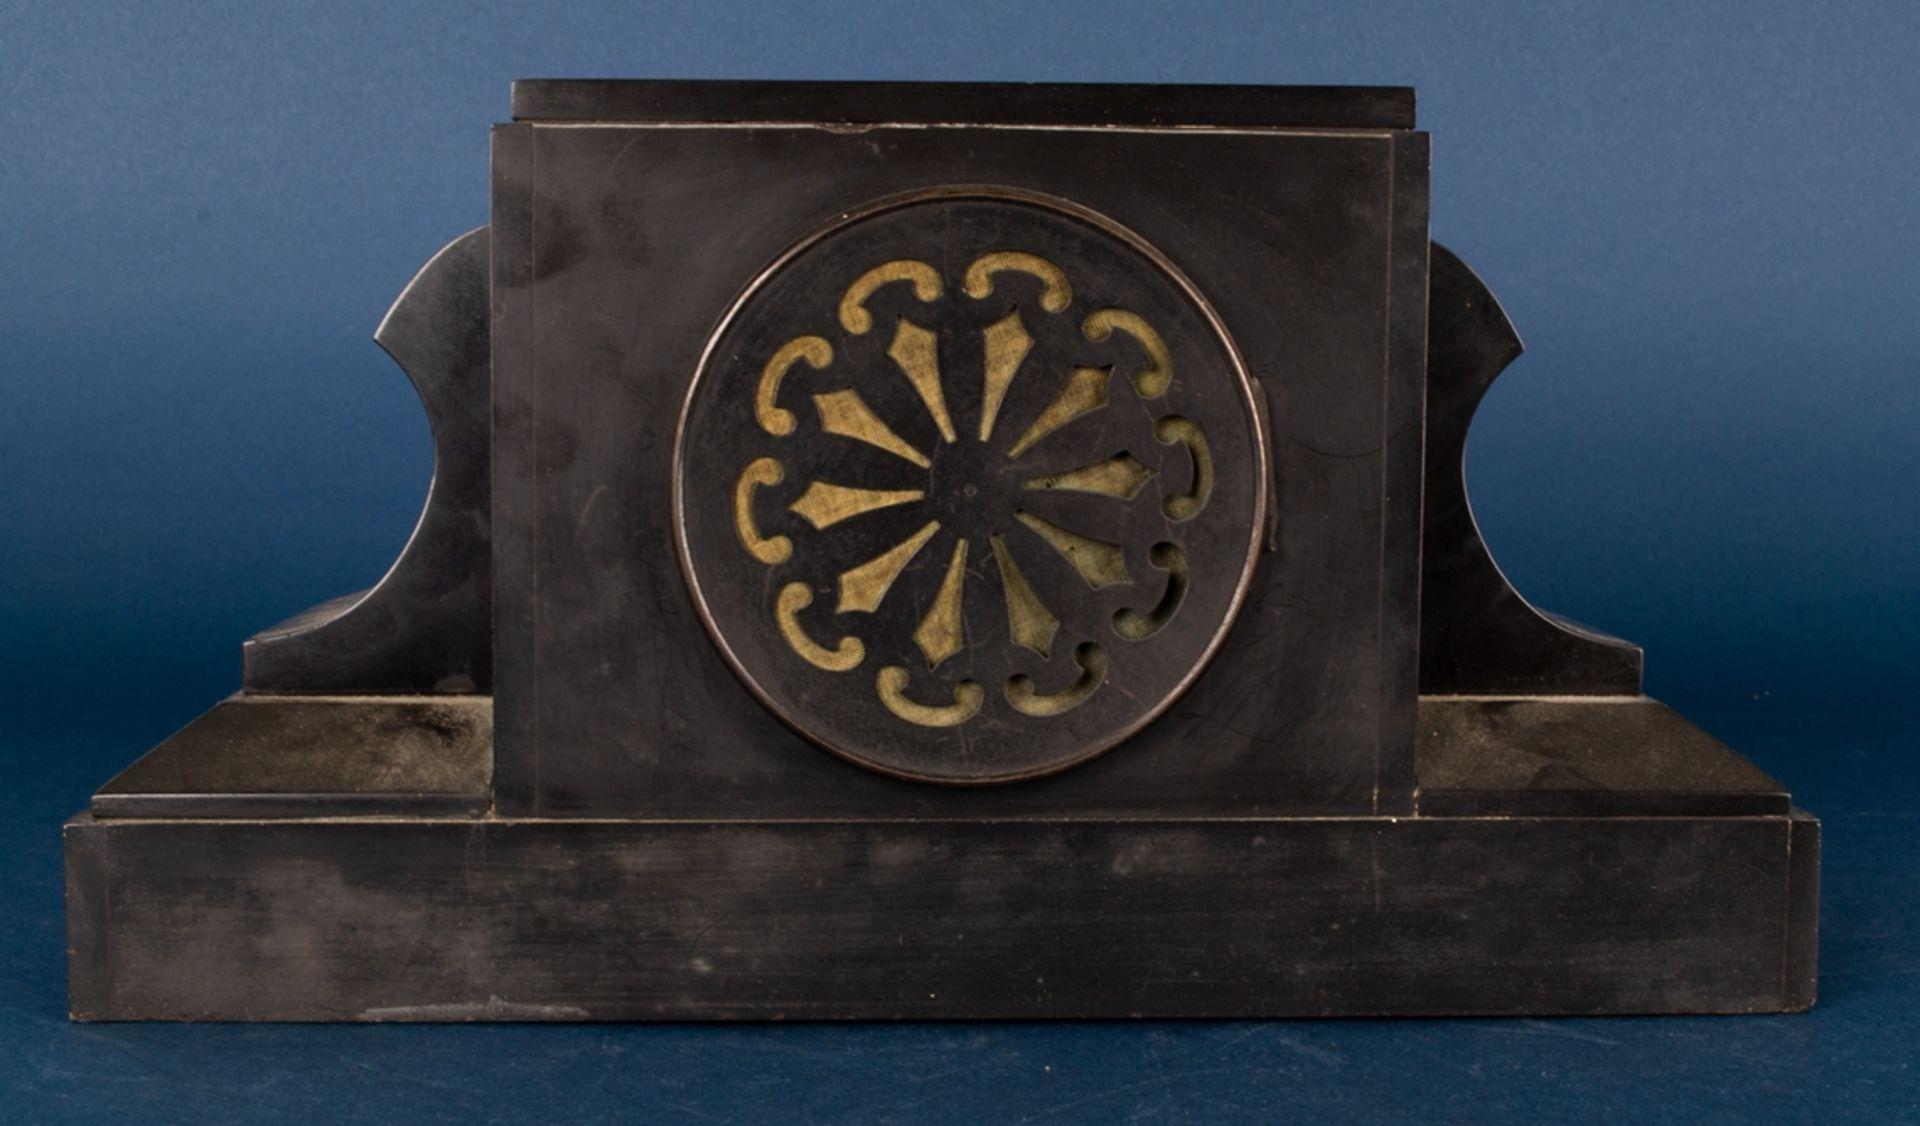 Antike Kaminuhr, schwarzes Marmorgehäuse, Frankreich um 1900, Messingvollplatinenwerk mit Schlag auf - Bild 5 aus 8